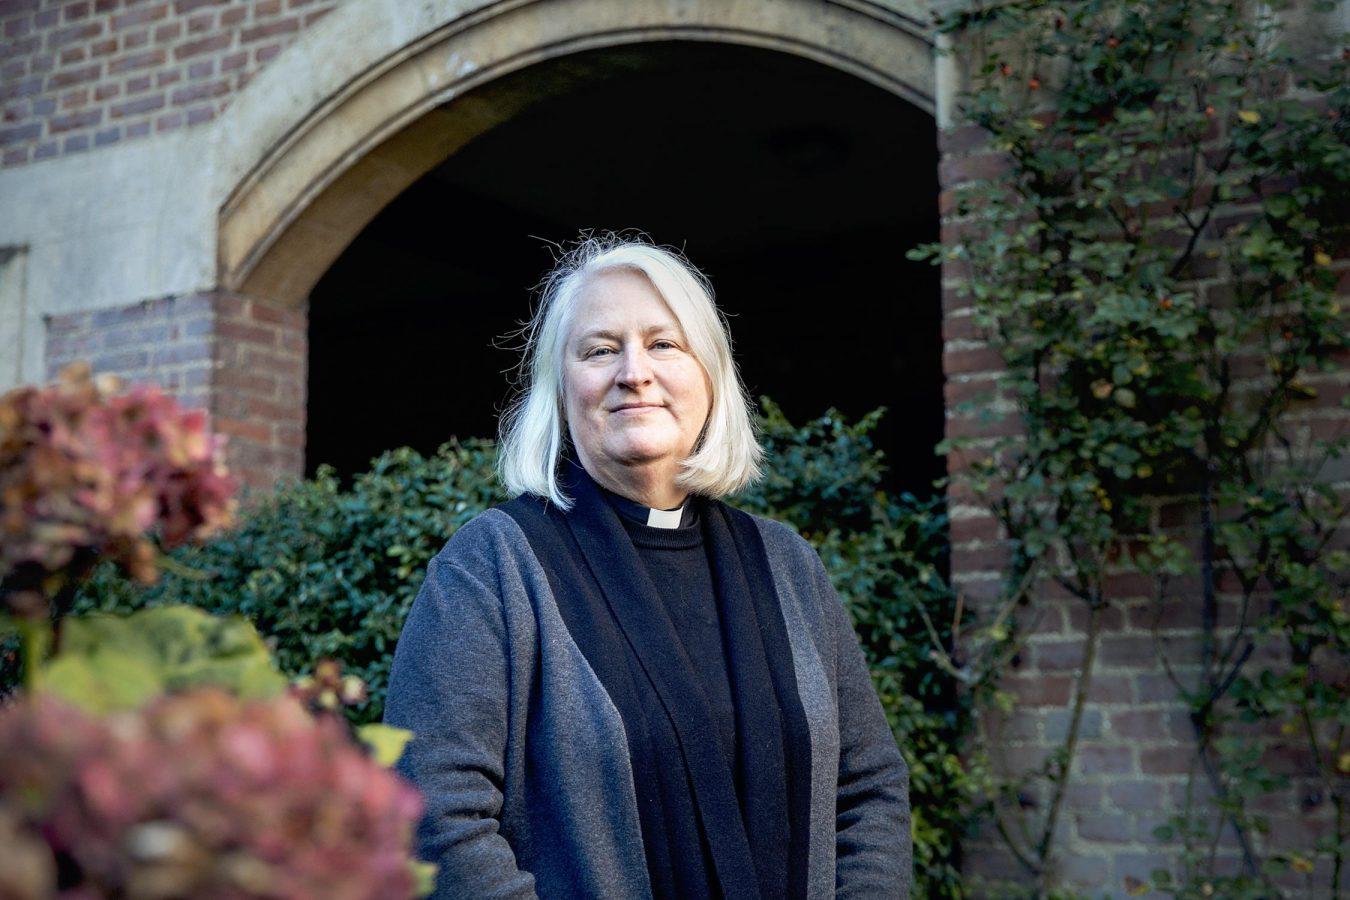 female-clergy-portrait-westcott-house-cambridge